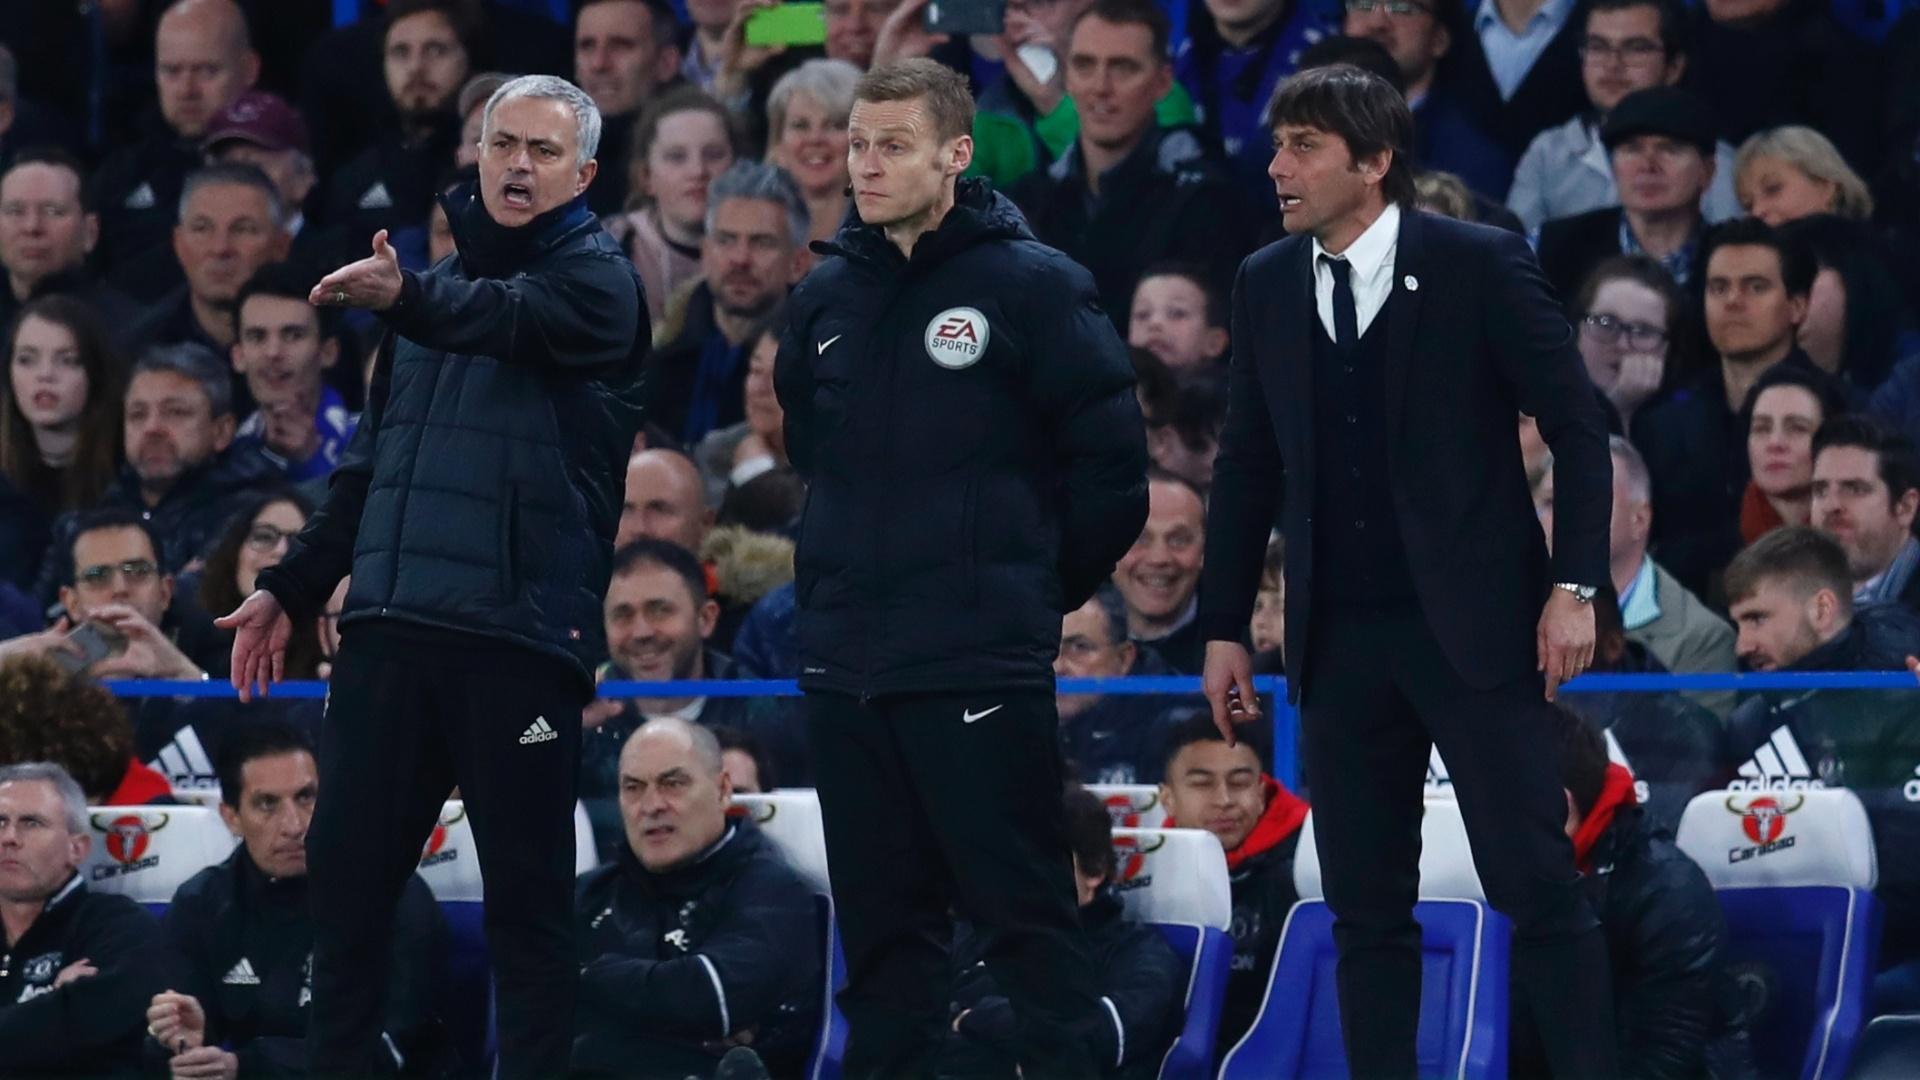 José Mourinho e Antonio Conte cobram arbitragem em jogo entre Chelsea e Manchester United pela Copa da Inglaterra